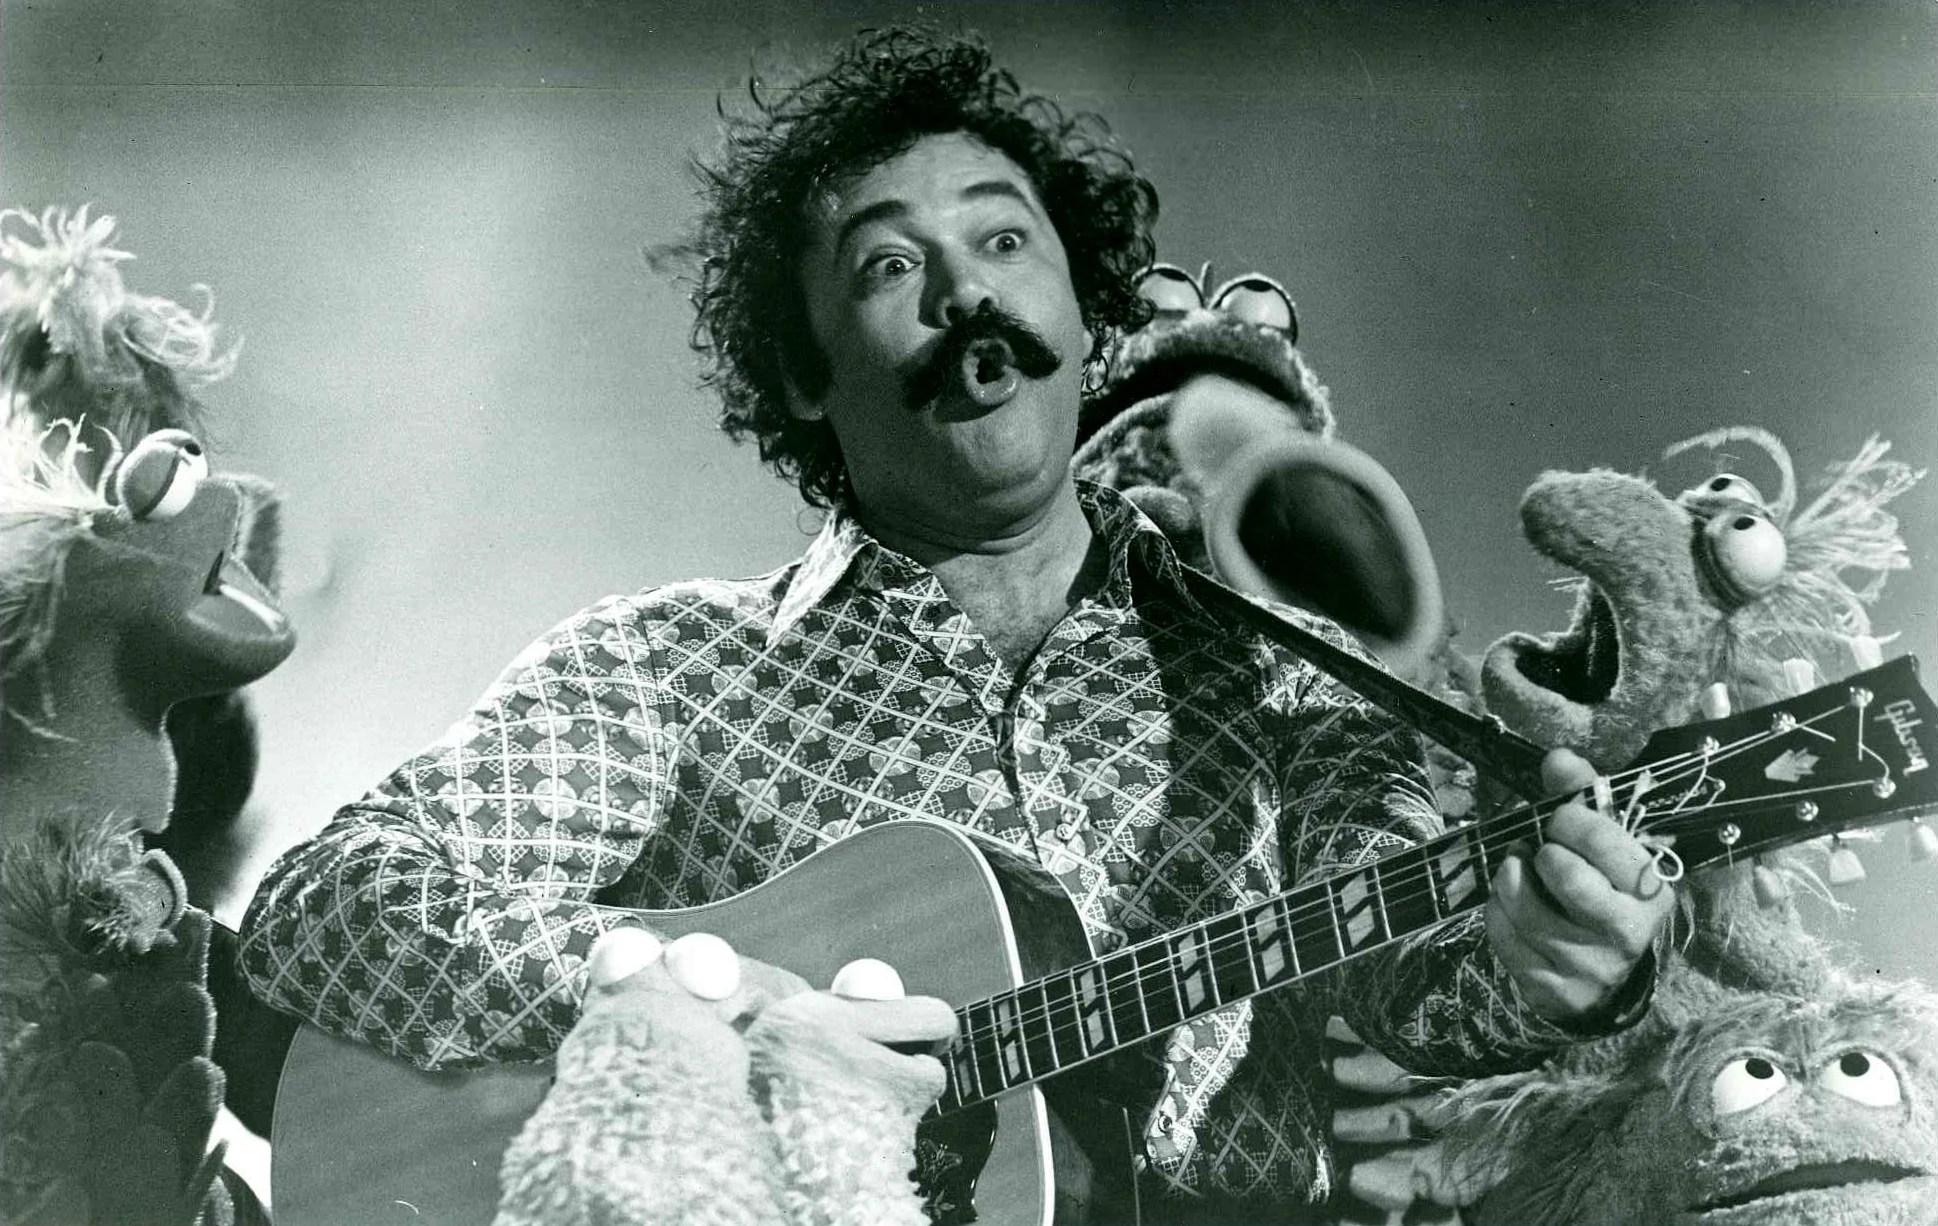 avery schreiber, the muppet show